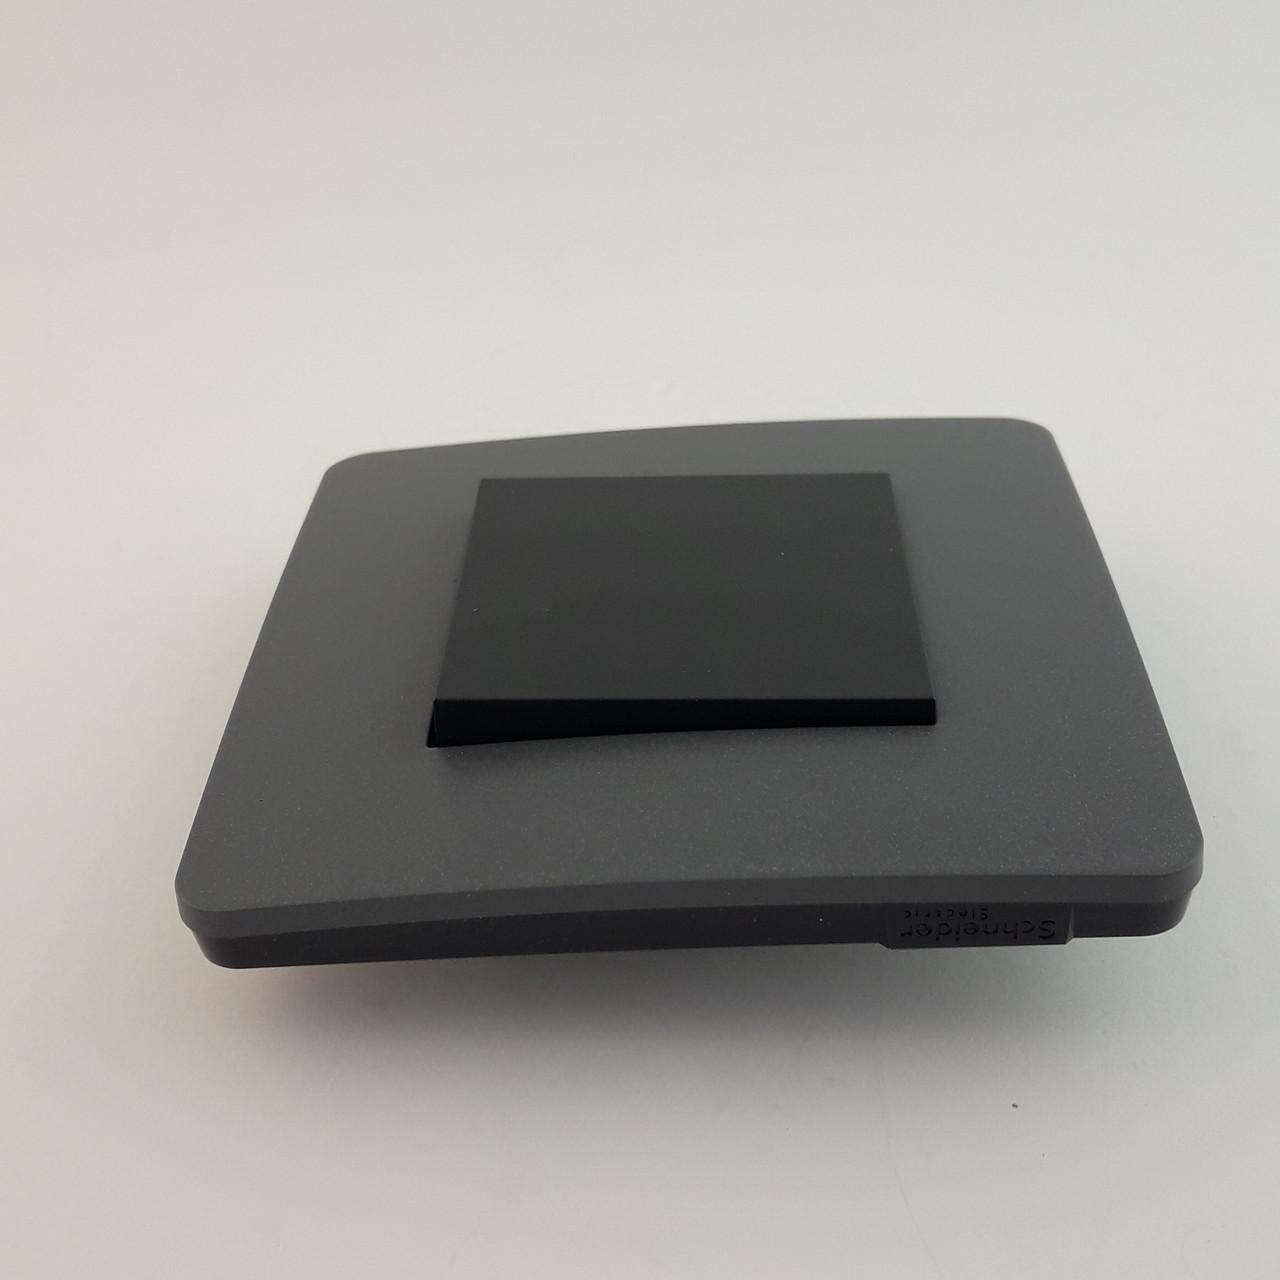 Рамка 3 постовая Studio Color, дымчато-серый/антрацит, 3х2 модуля